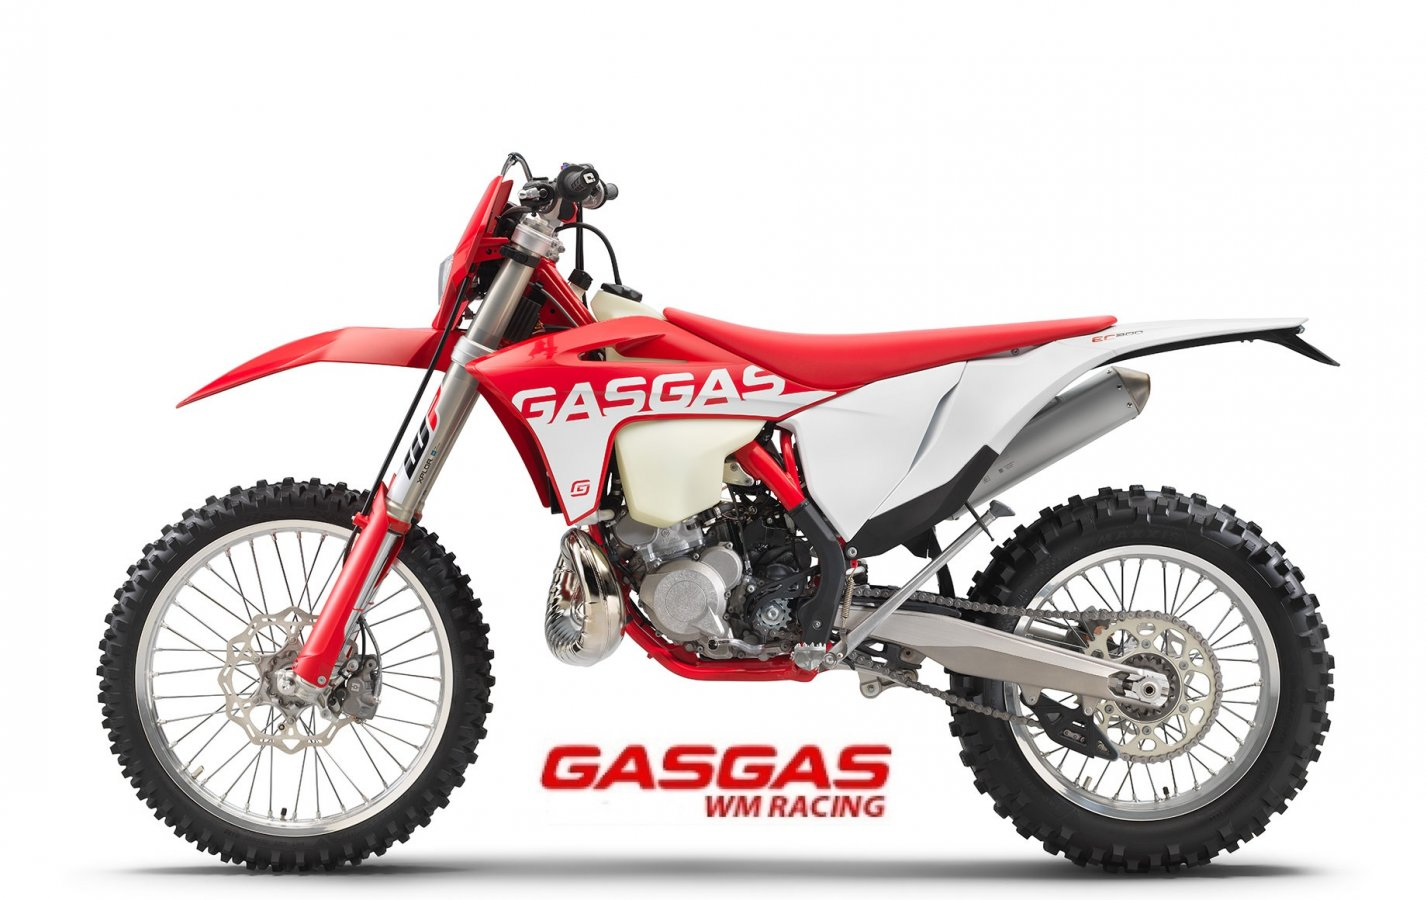 GASGAS EC 300 2021